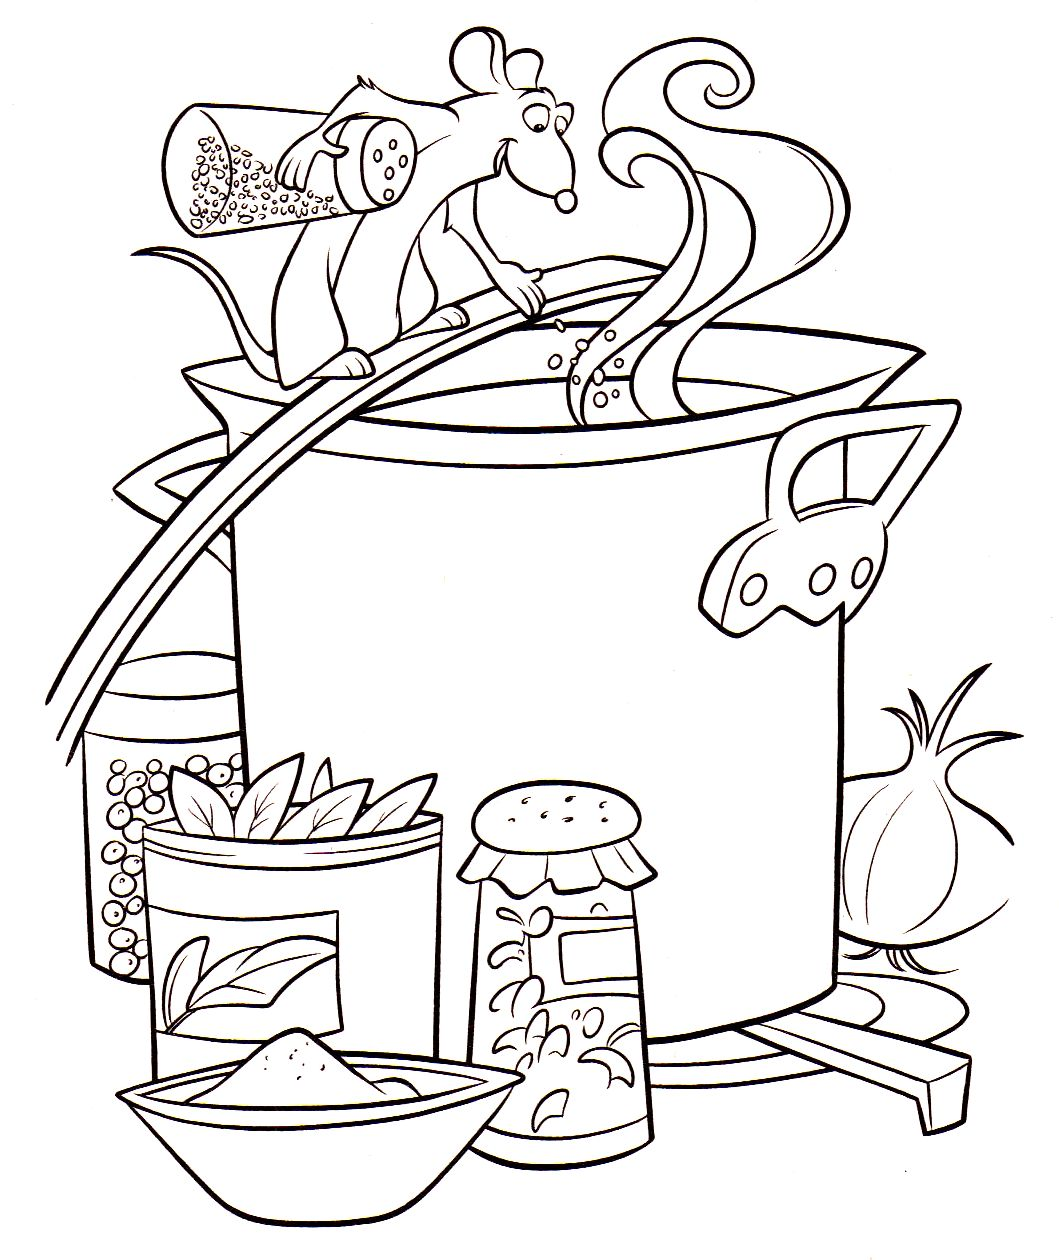 Coloriage A Imprimer Ratatouille Remy Cuisine Gratuit Et Colorier